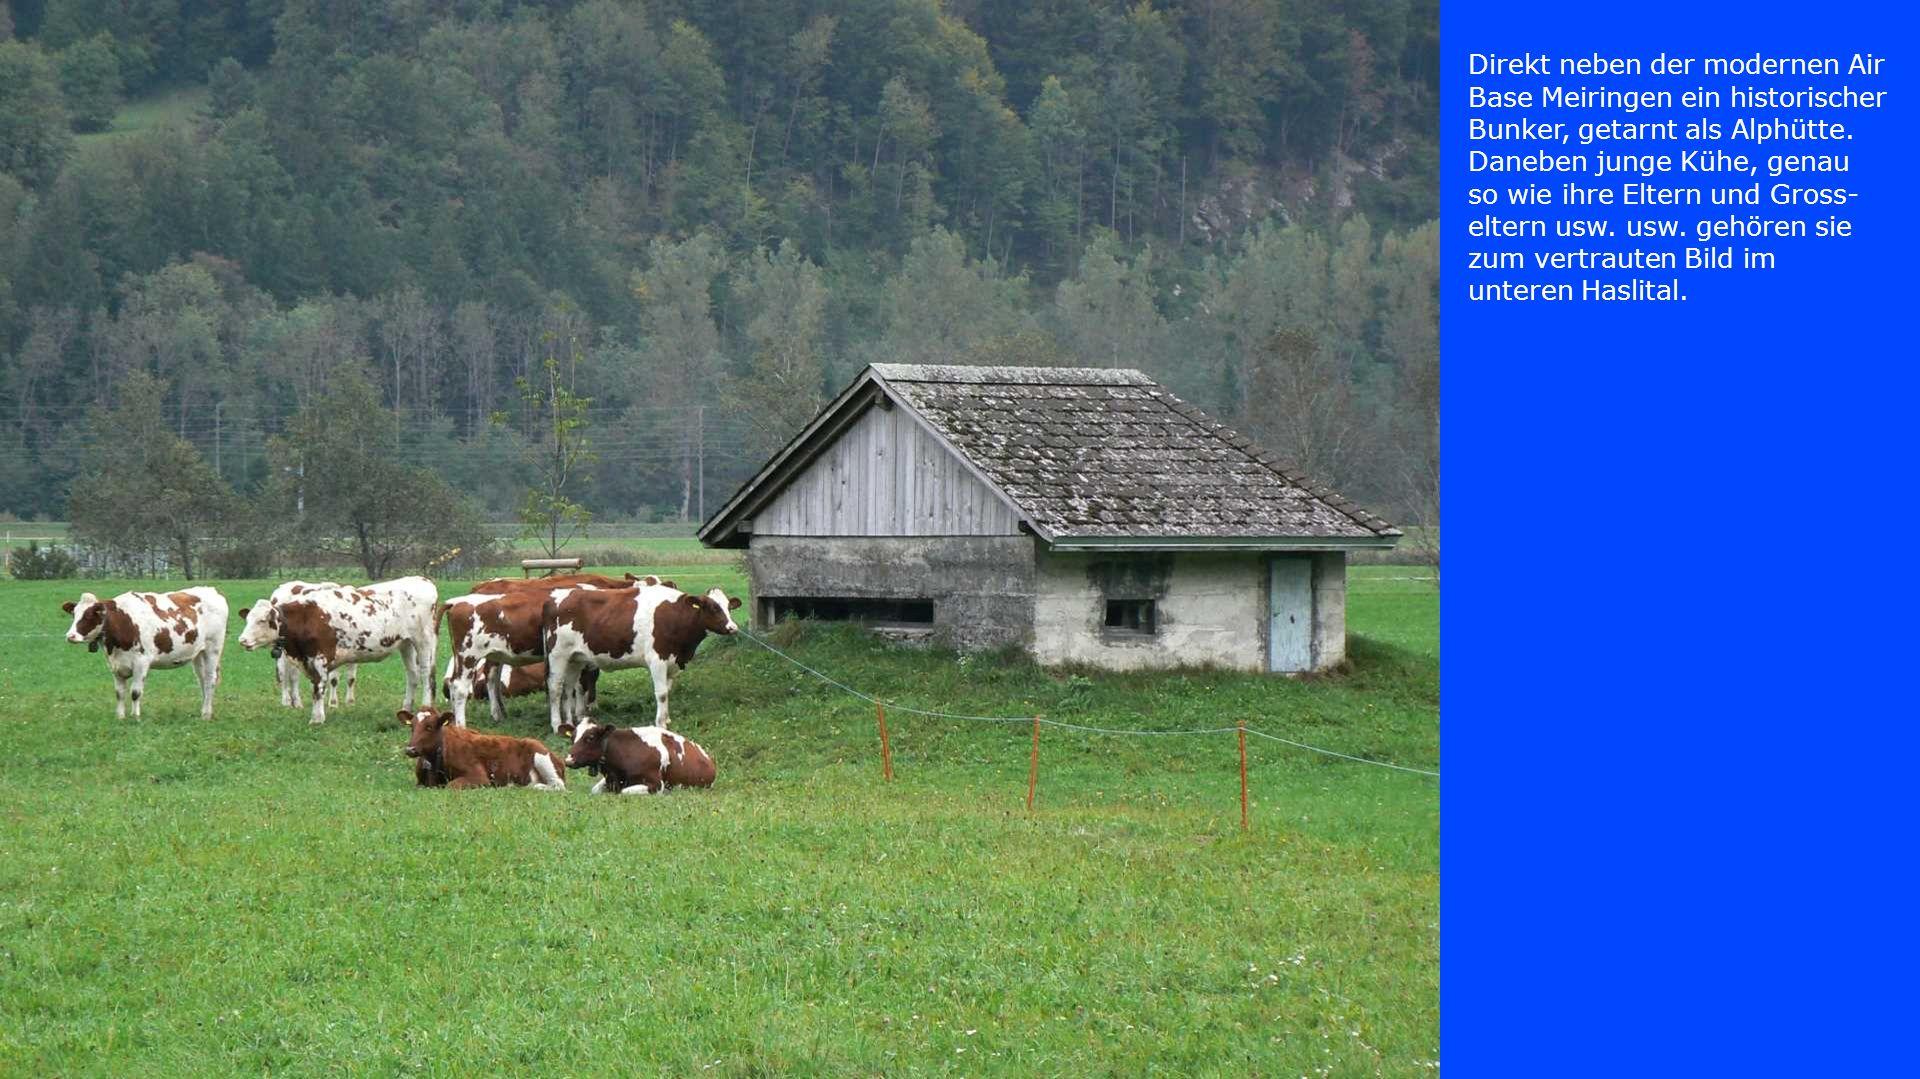 Direkt neben der modernen Air Base Meiringen ein historischer Bunker, getarnt als Alphütte. Daneben junge Kühe, genau so wie ihre Eltern und Gross- el